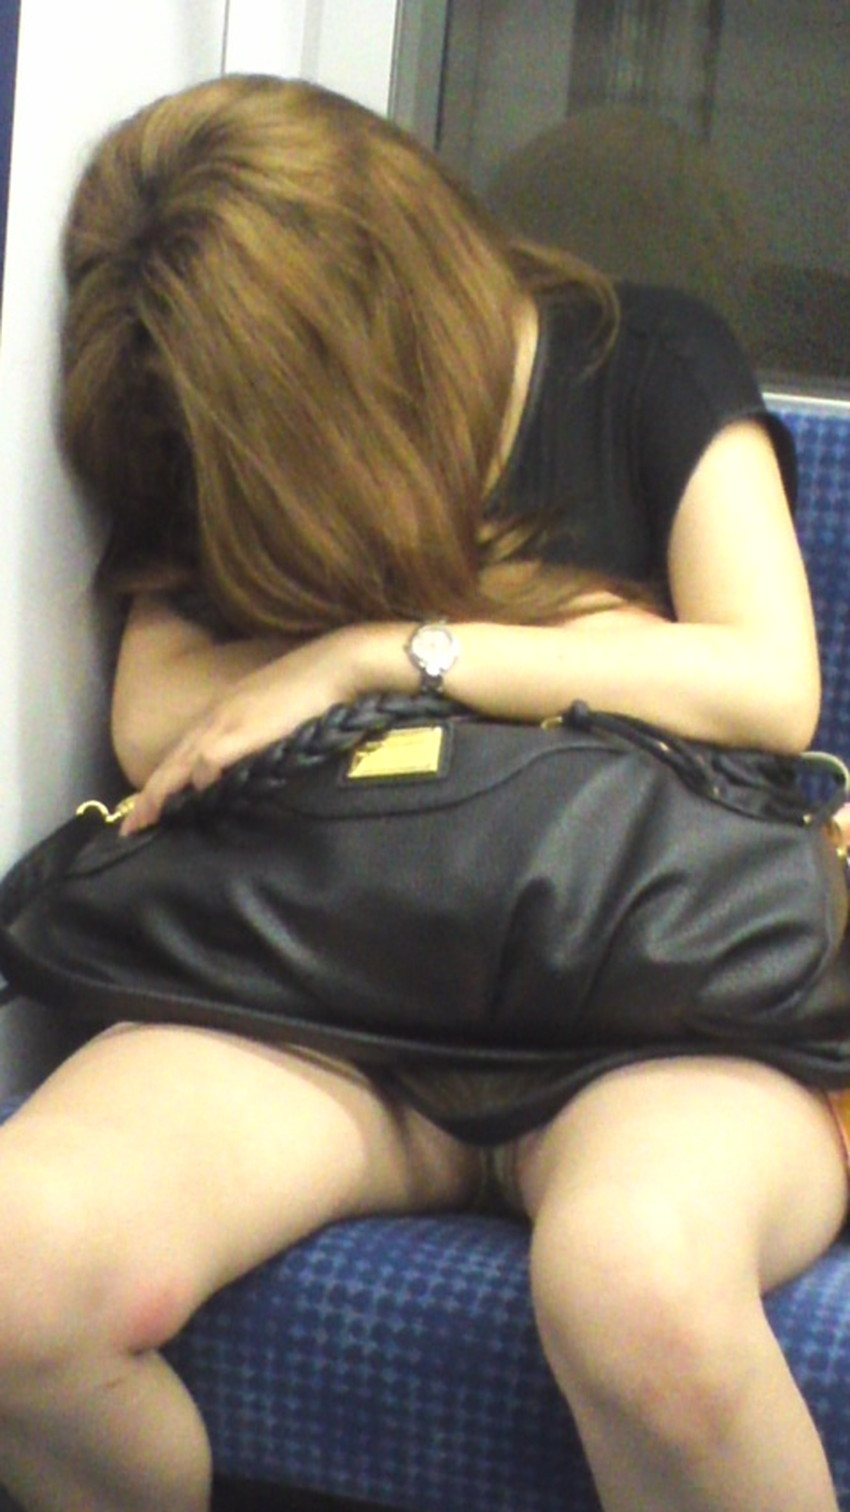 【居眠りパンチラエロ画像】居眠りOLが電車内でお股ユルユル!ww居眠り美女の無防備なパンチラを盗撮した居眠りパンチラのエロ画像集!ww【80枚】 31